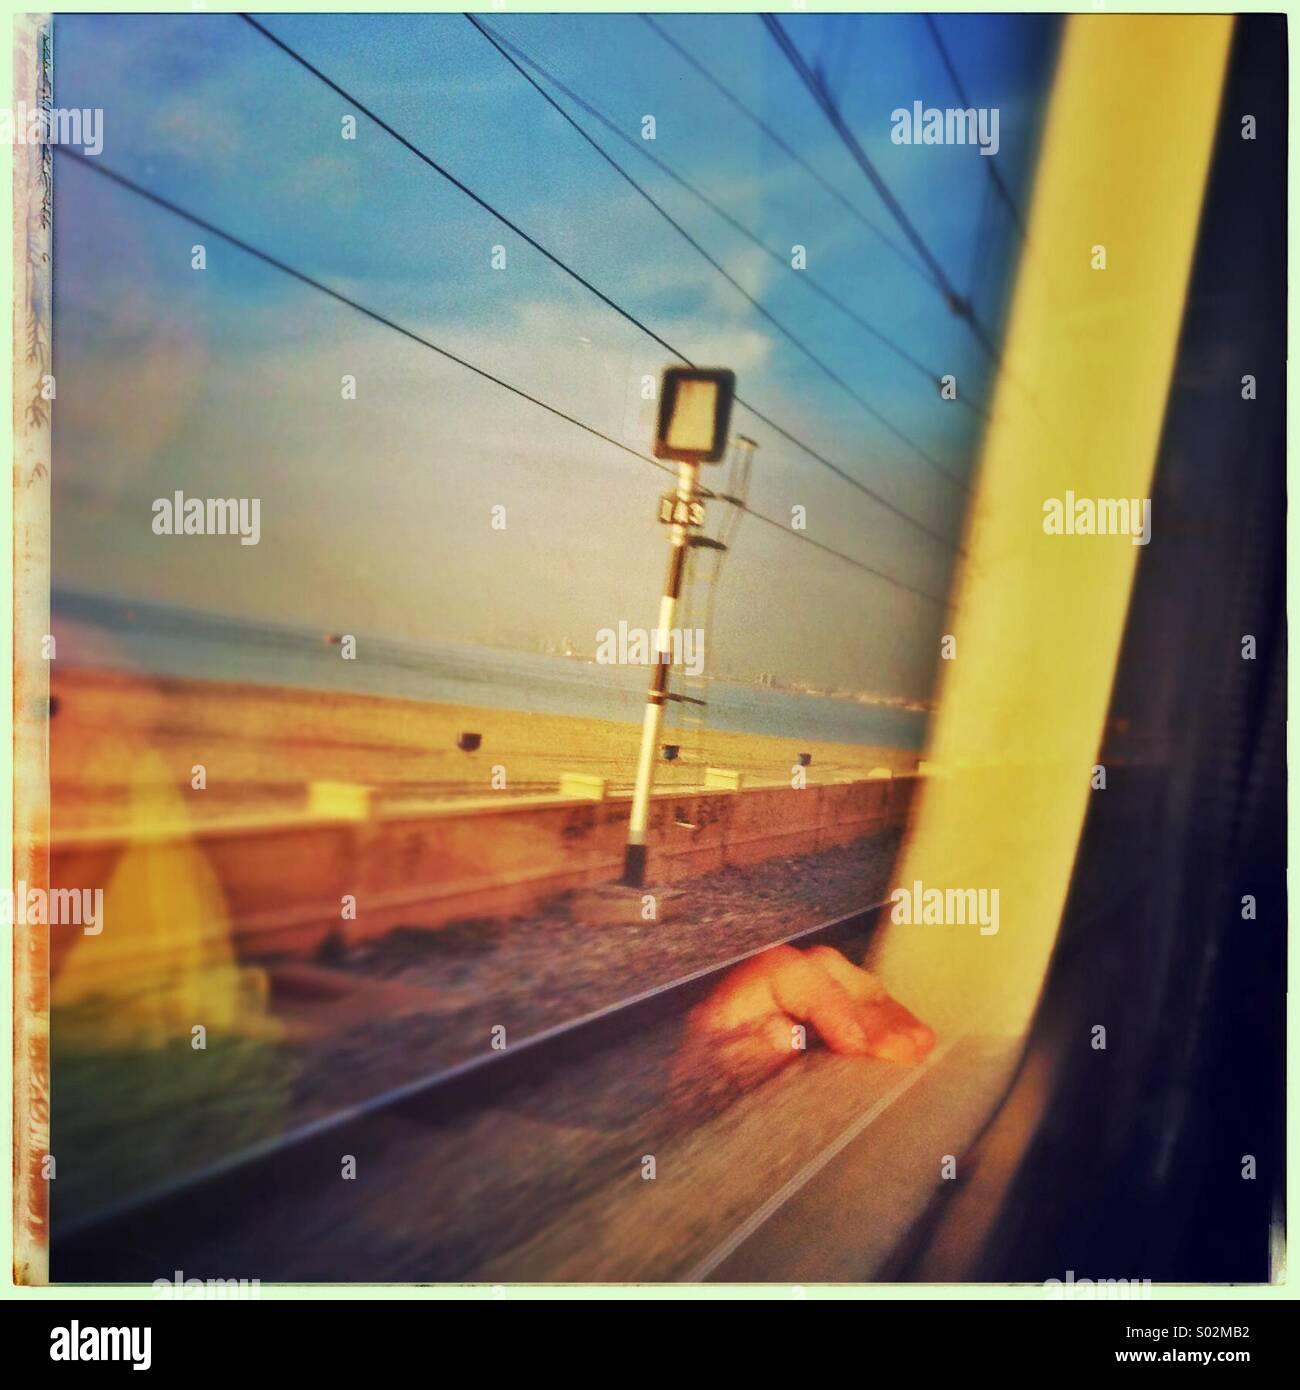 La reflexión de la mano de un joven mirando por la ventana del tren en la costa norte de Barcelona, Cataluña, España Foto de stock